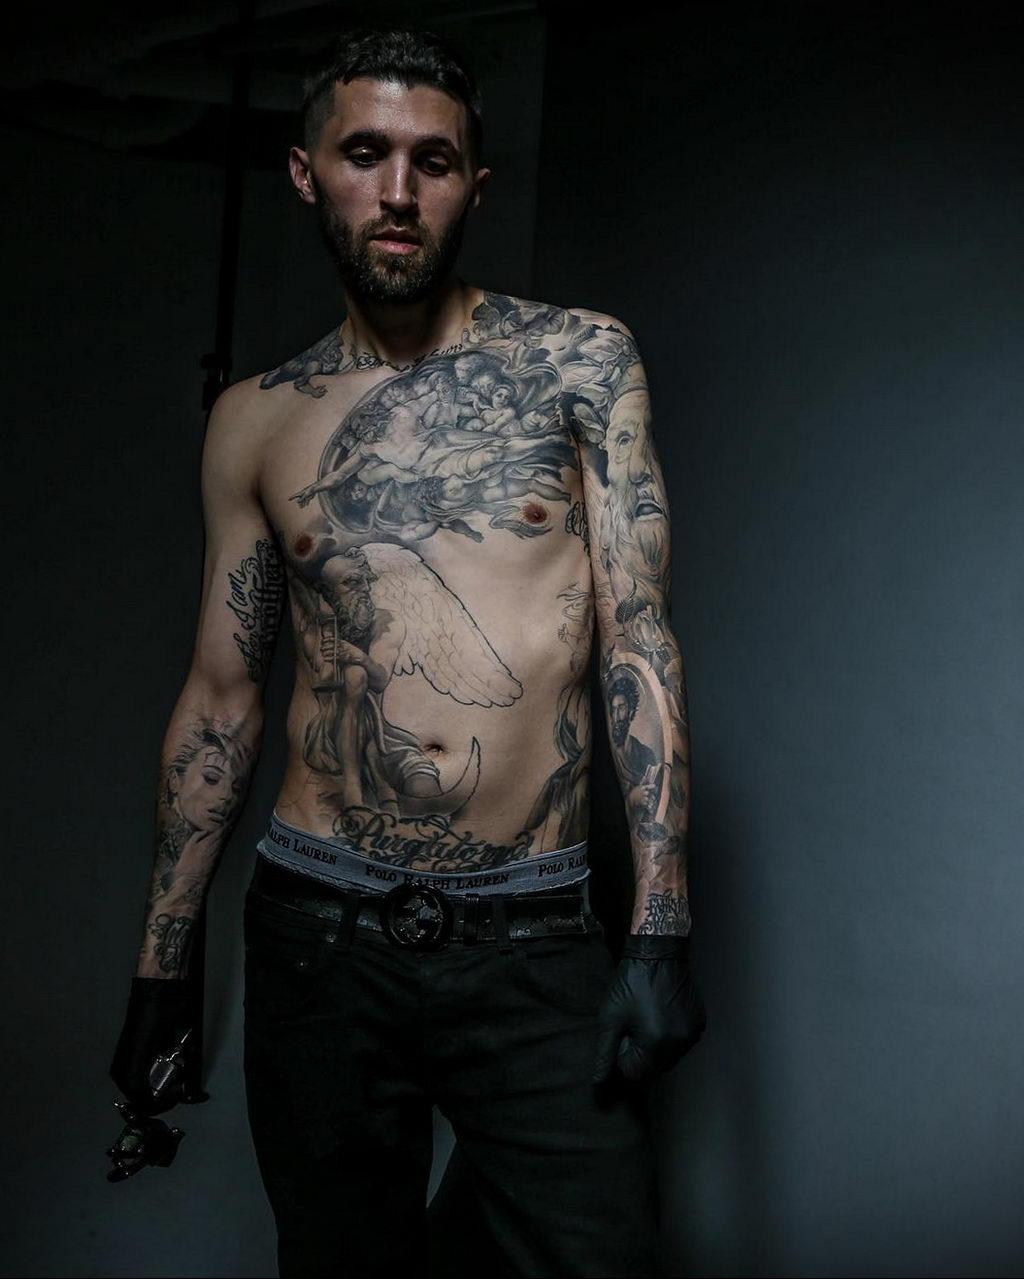 Эрик Марцинизин и его черно-серые татуировки, которые принесли ему славу